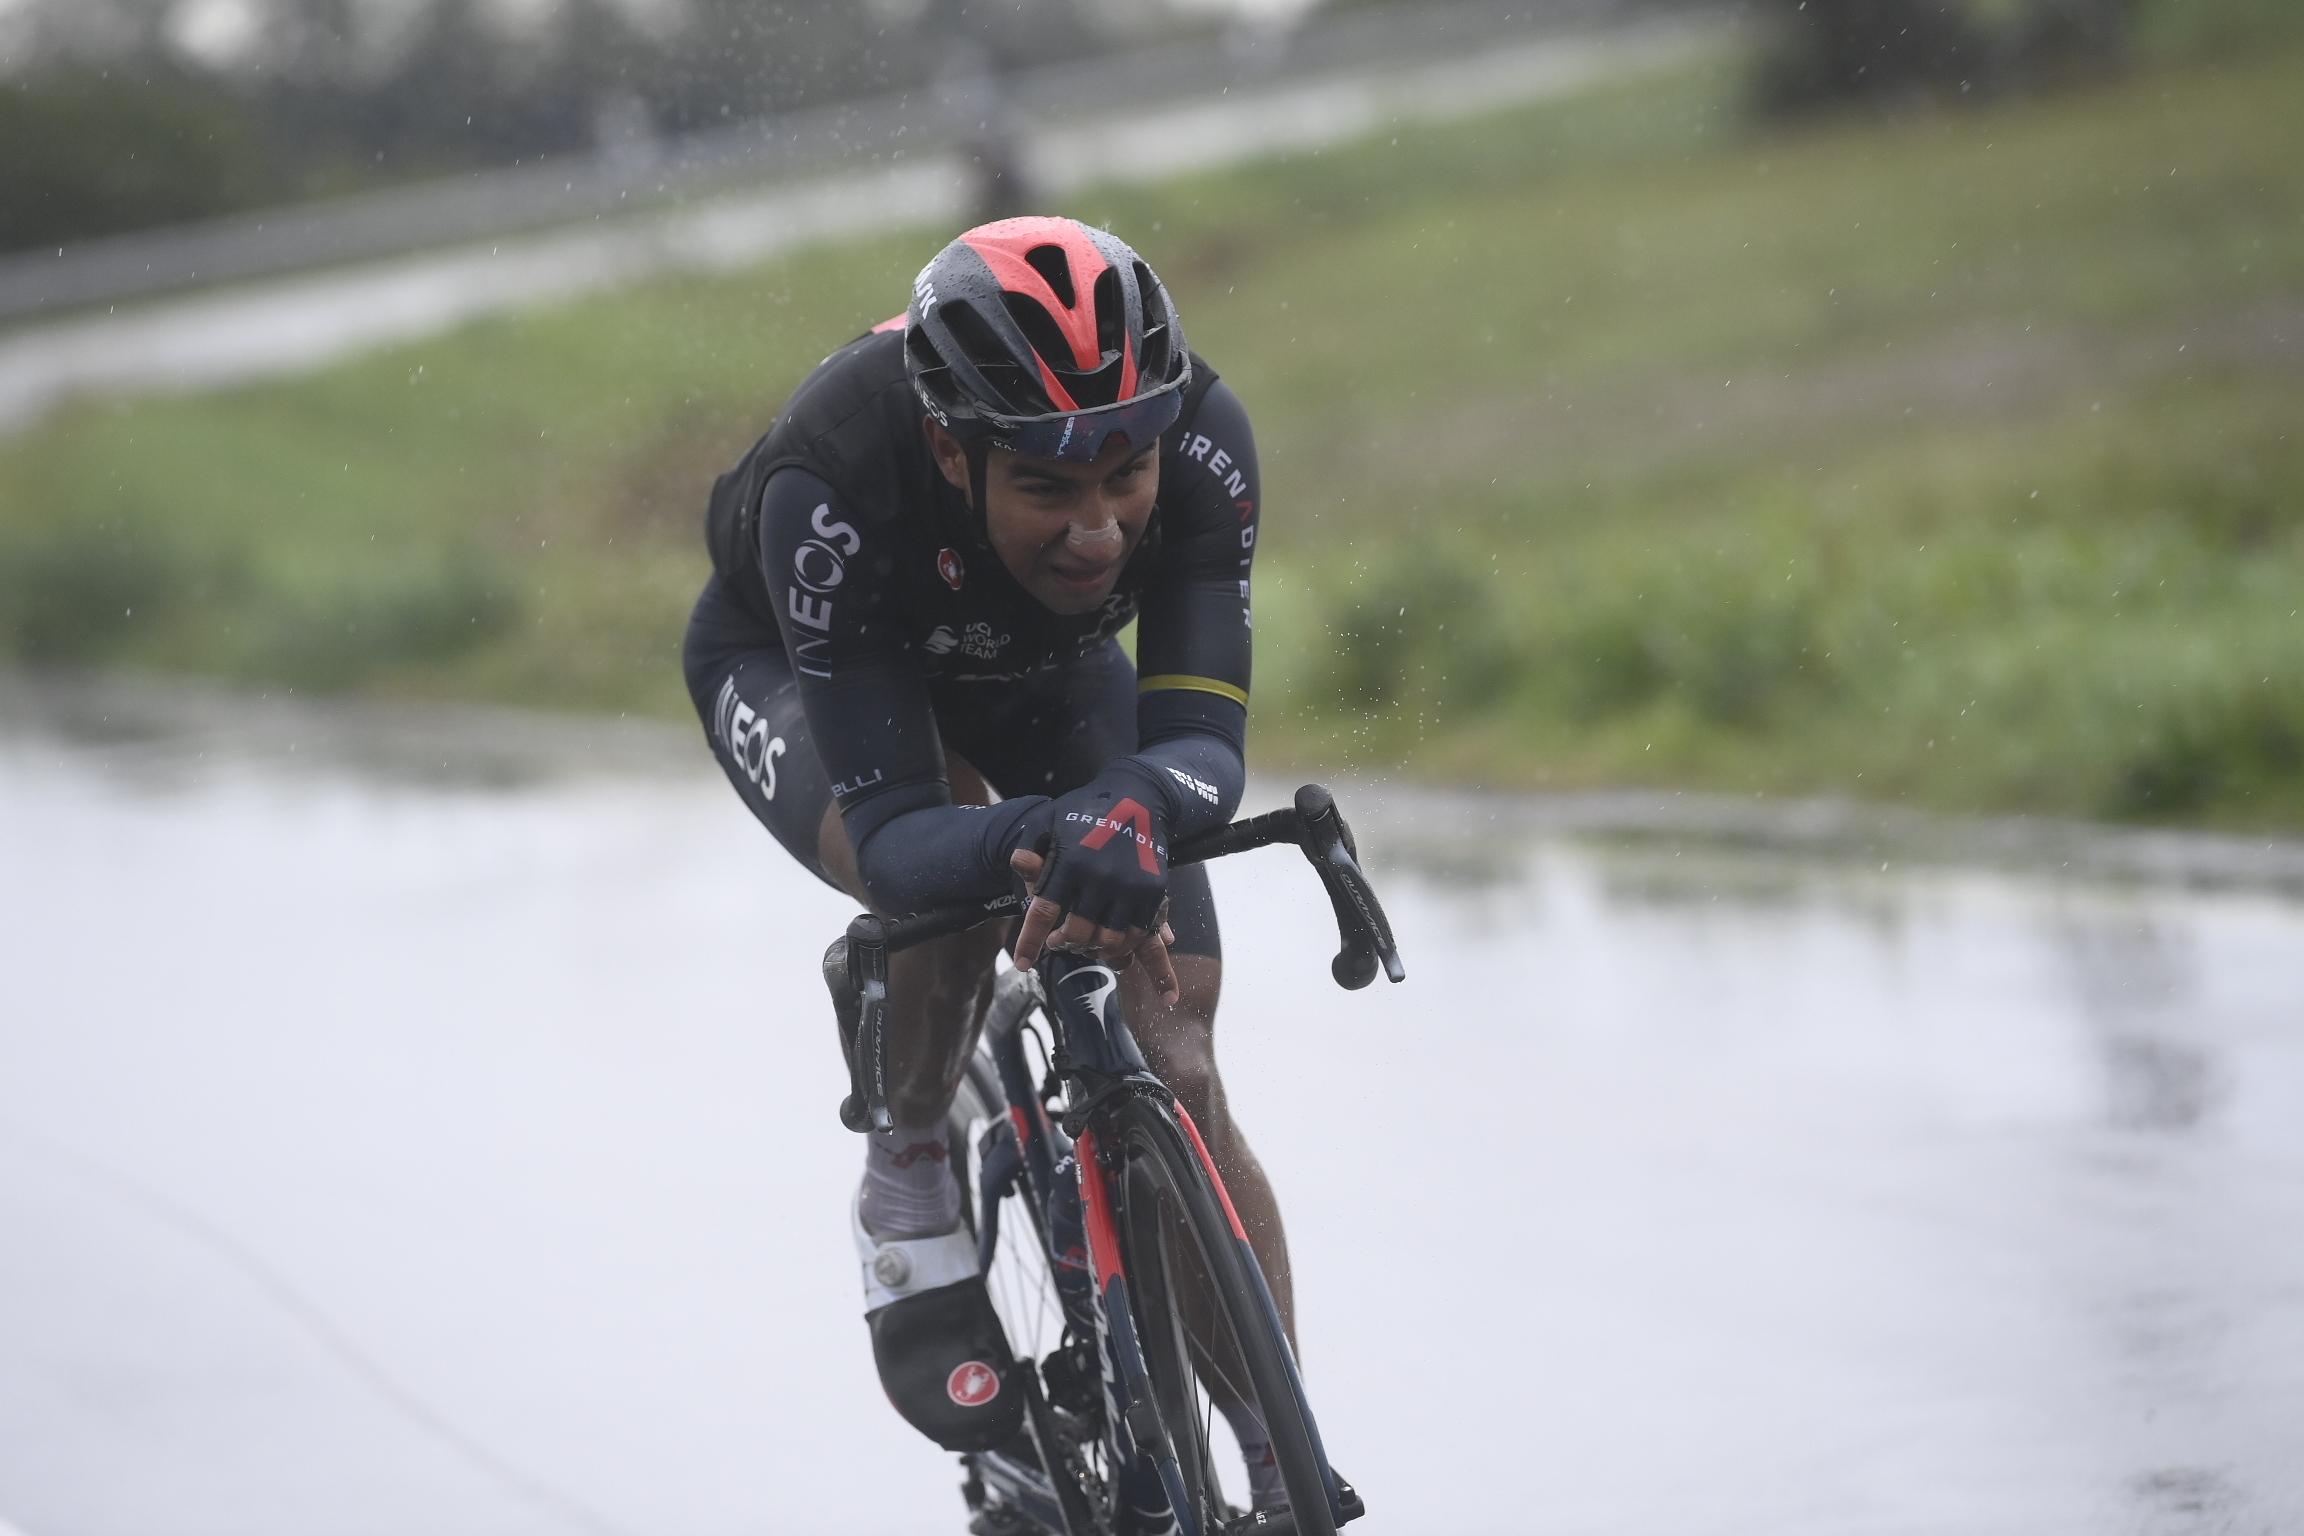 Nueva victoria ecuatoriana en el Giro de Italia. Jonathan Narváez sorprendió en la Etapa 12. Conoce todos los detalles aquí